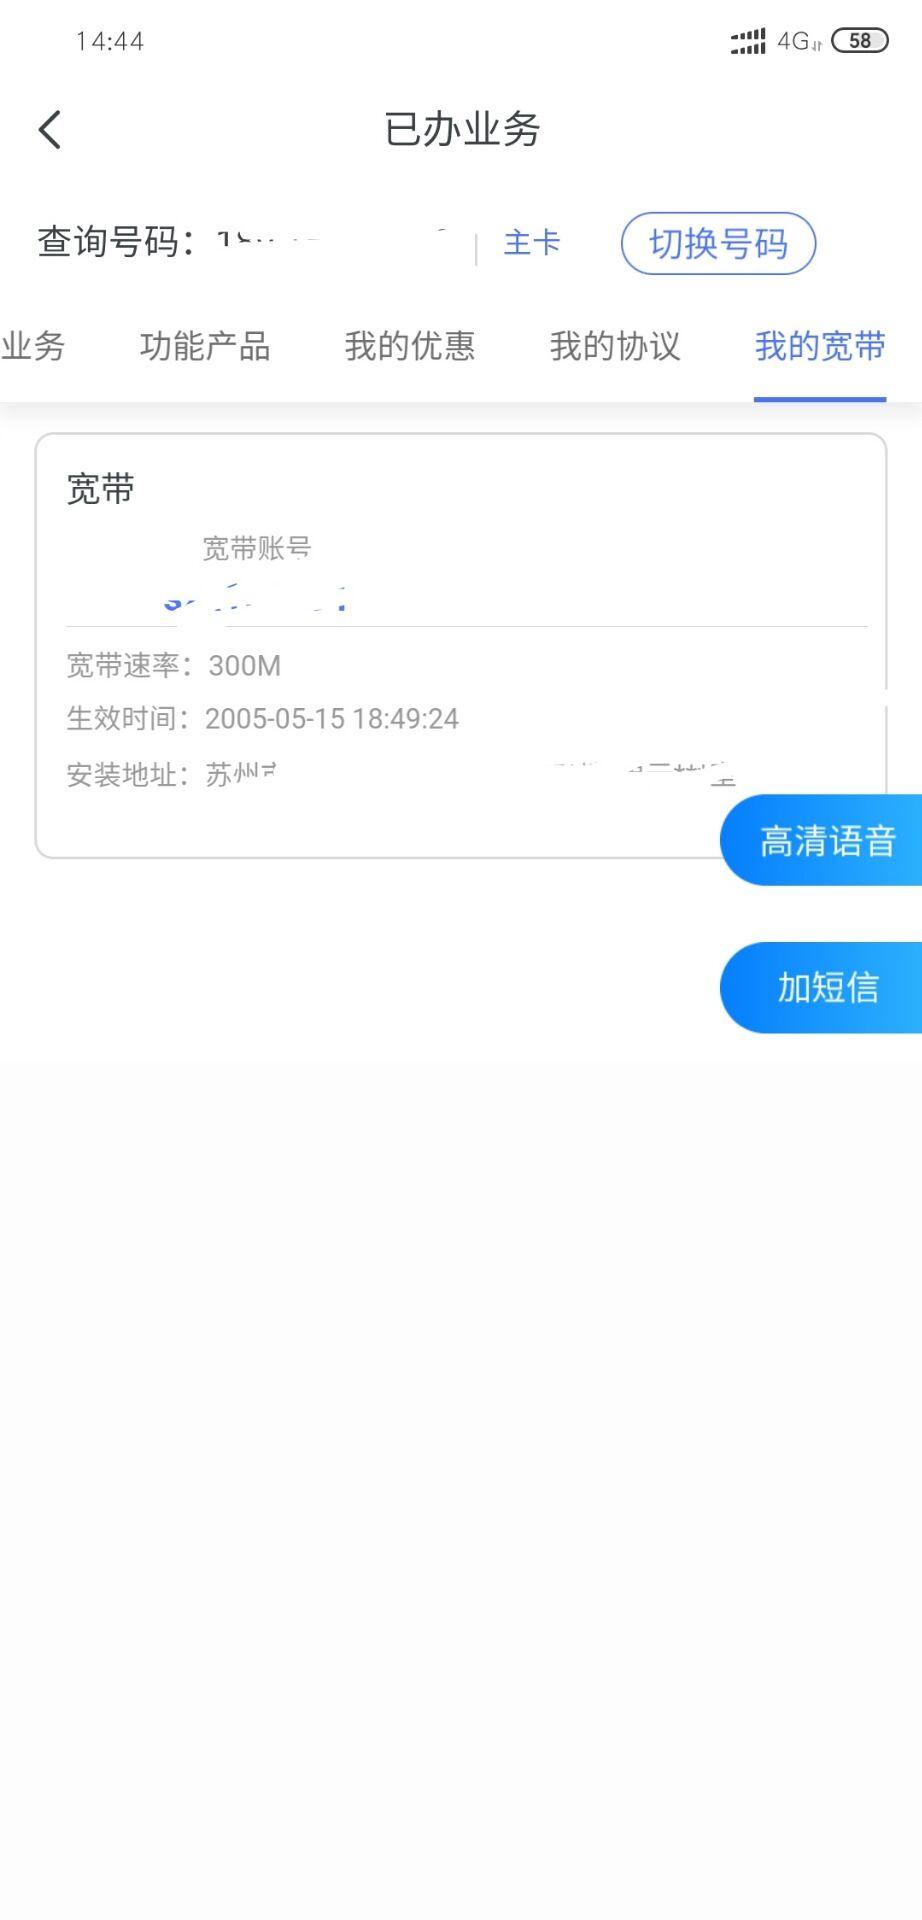 江苏(苏州)电信10年宽带升级300